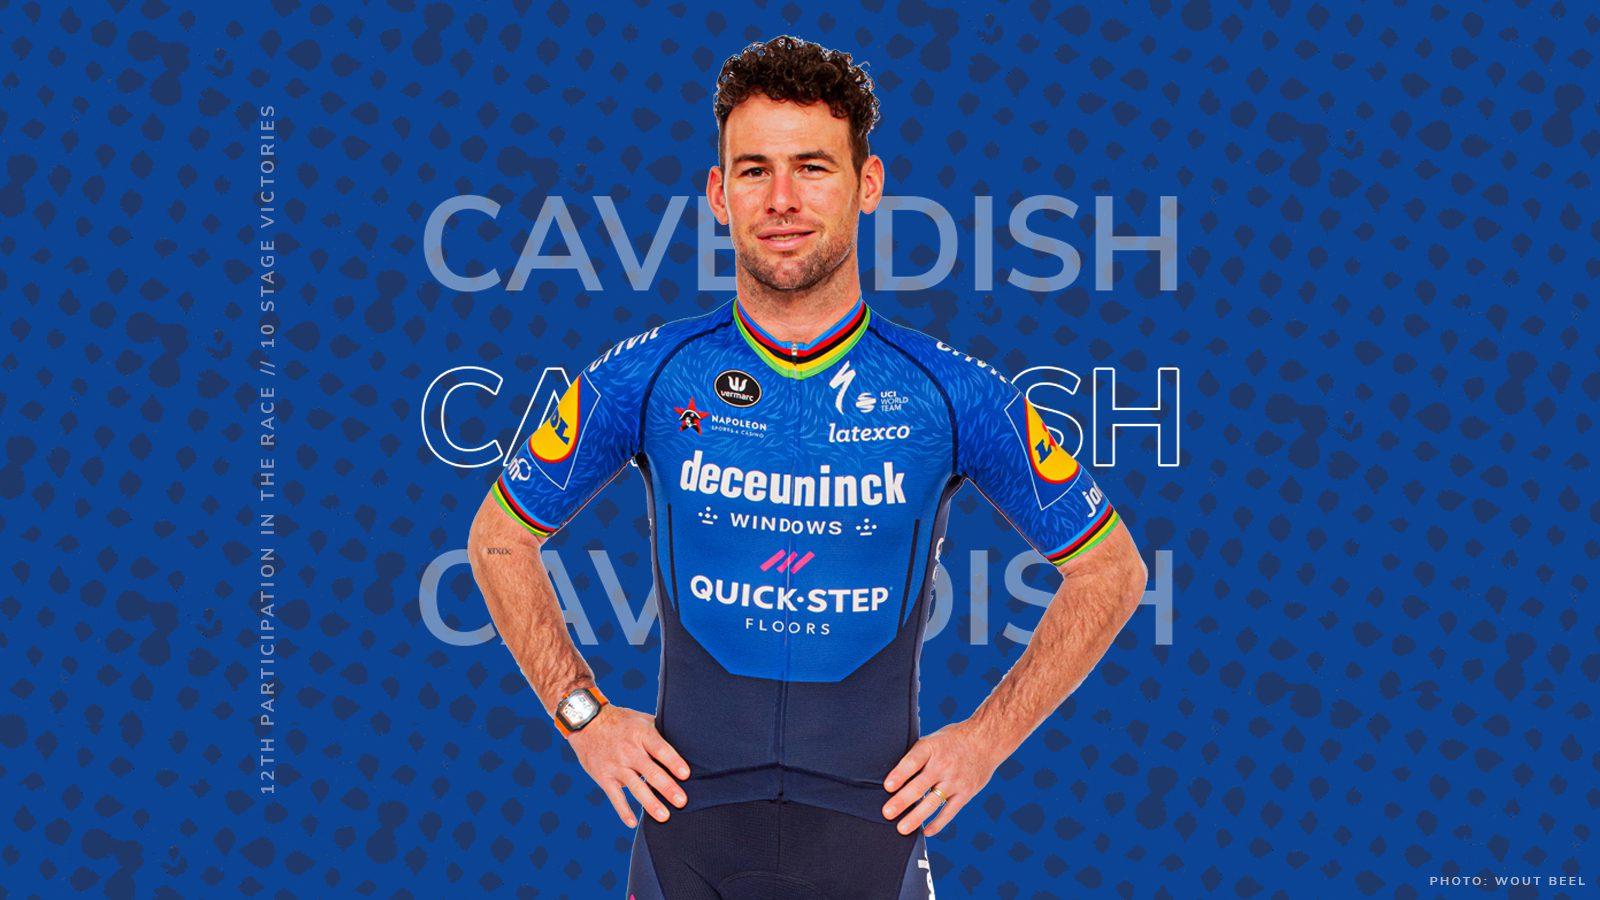 Tour of Britain Mark Cavendish